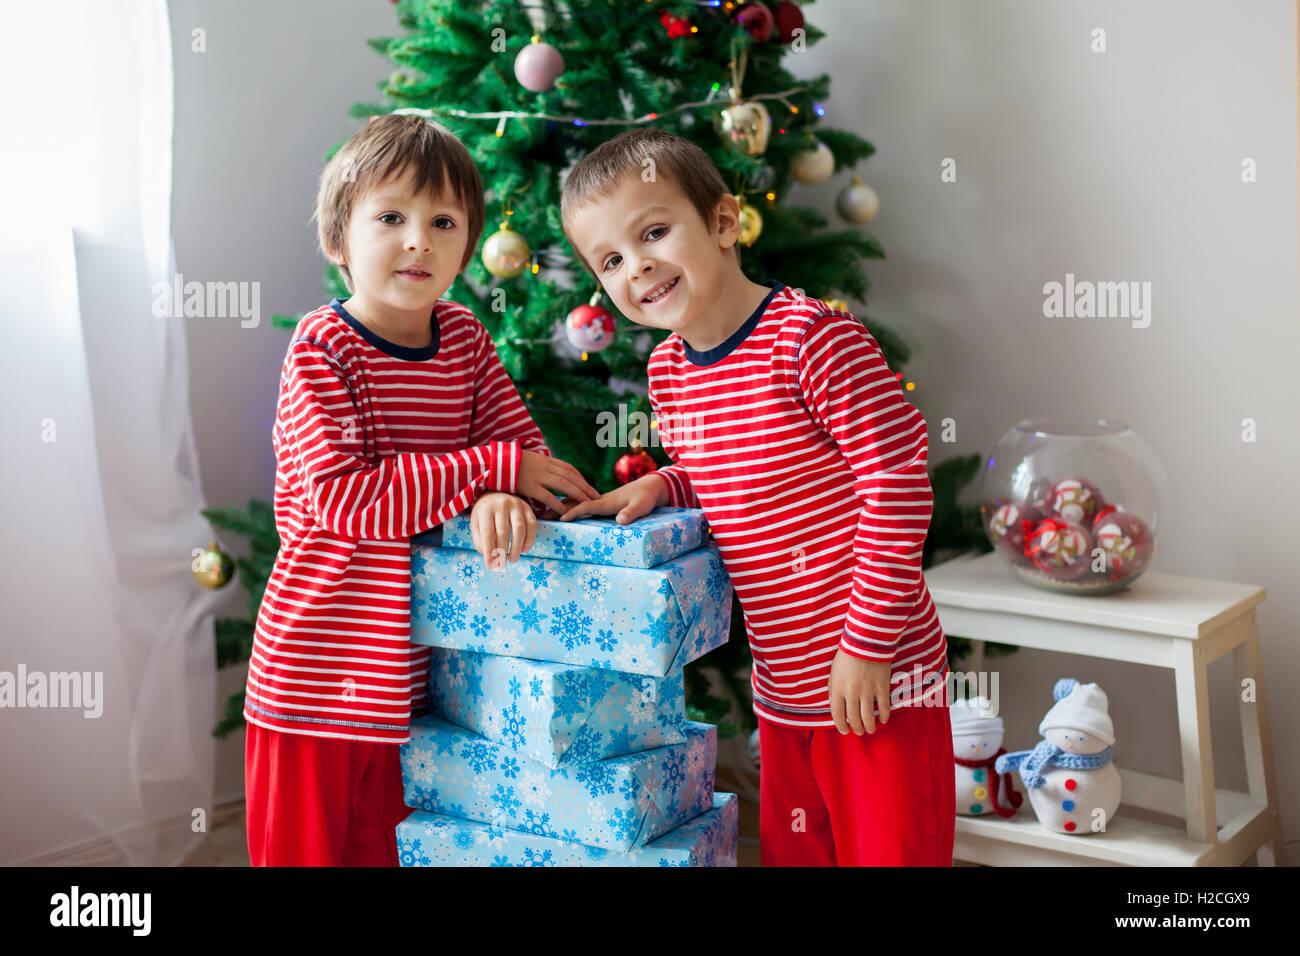 Zwei süße Kinder, junge Brüder, Geschenke für Weihnachten am ...